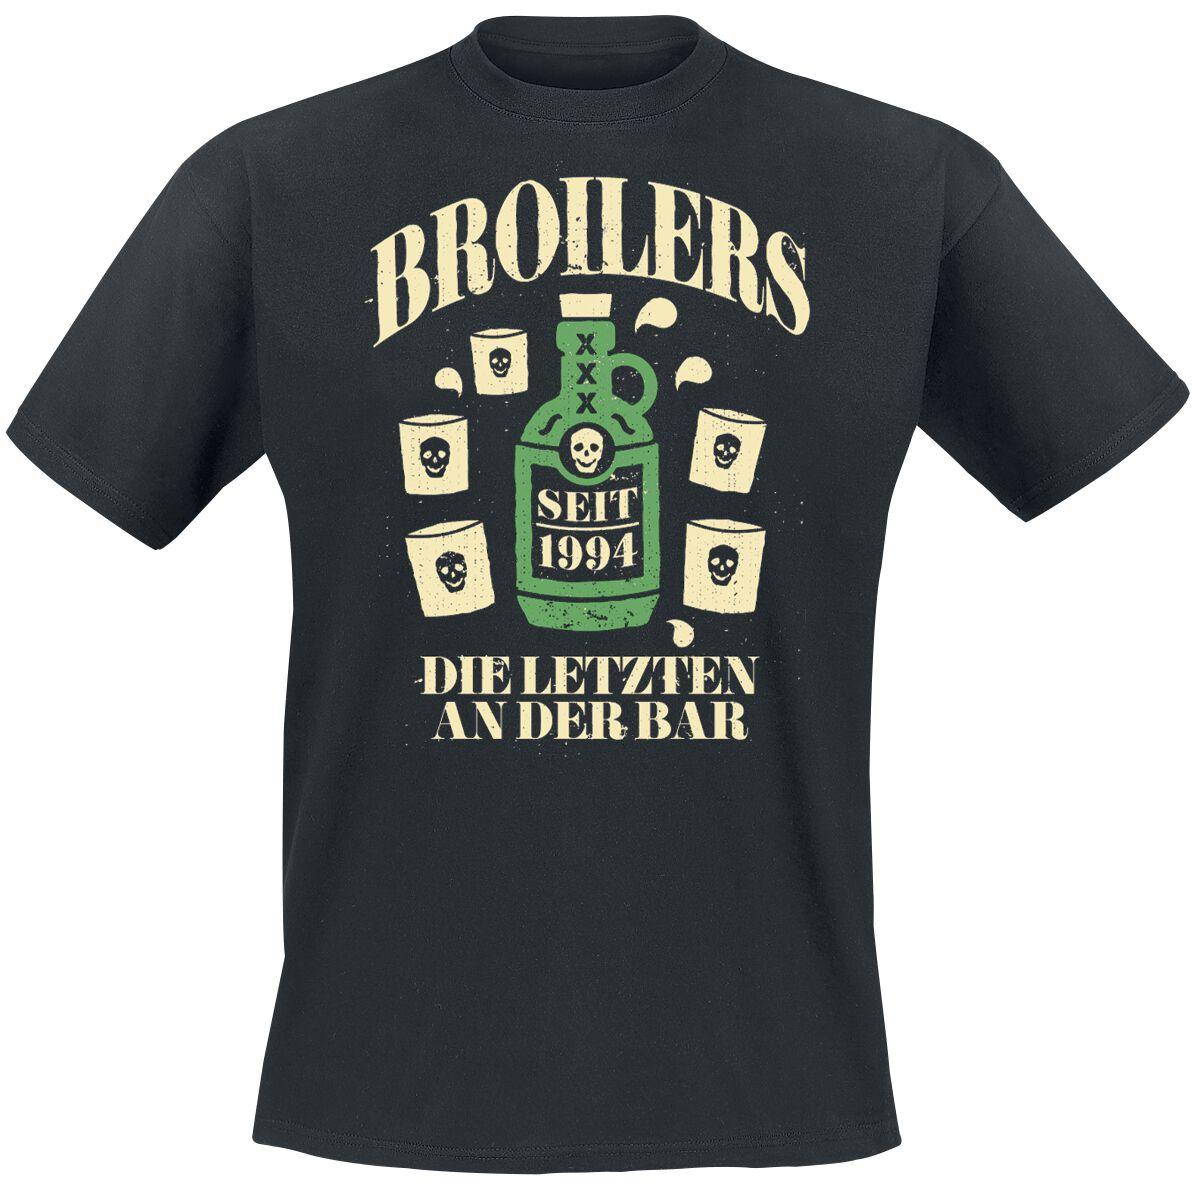 Zespoły - Koszulki - T-Shirt Broilers Die letzten an der Bar T-Shirt czarny - 348704